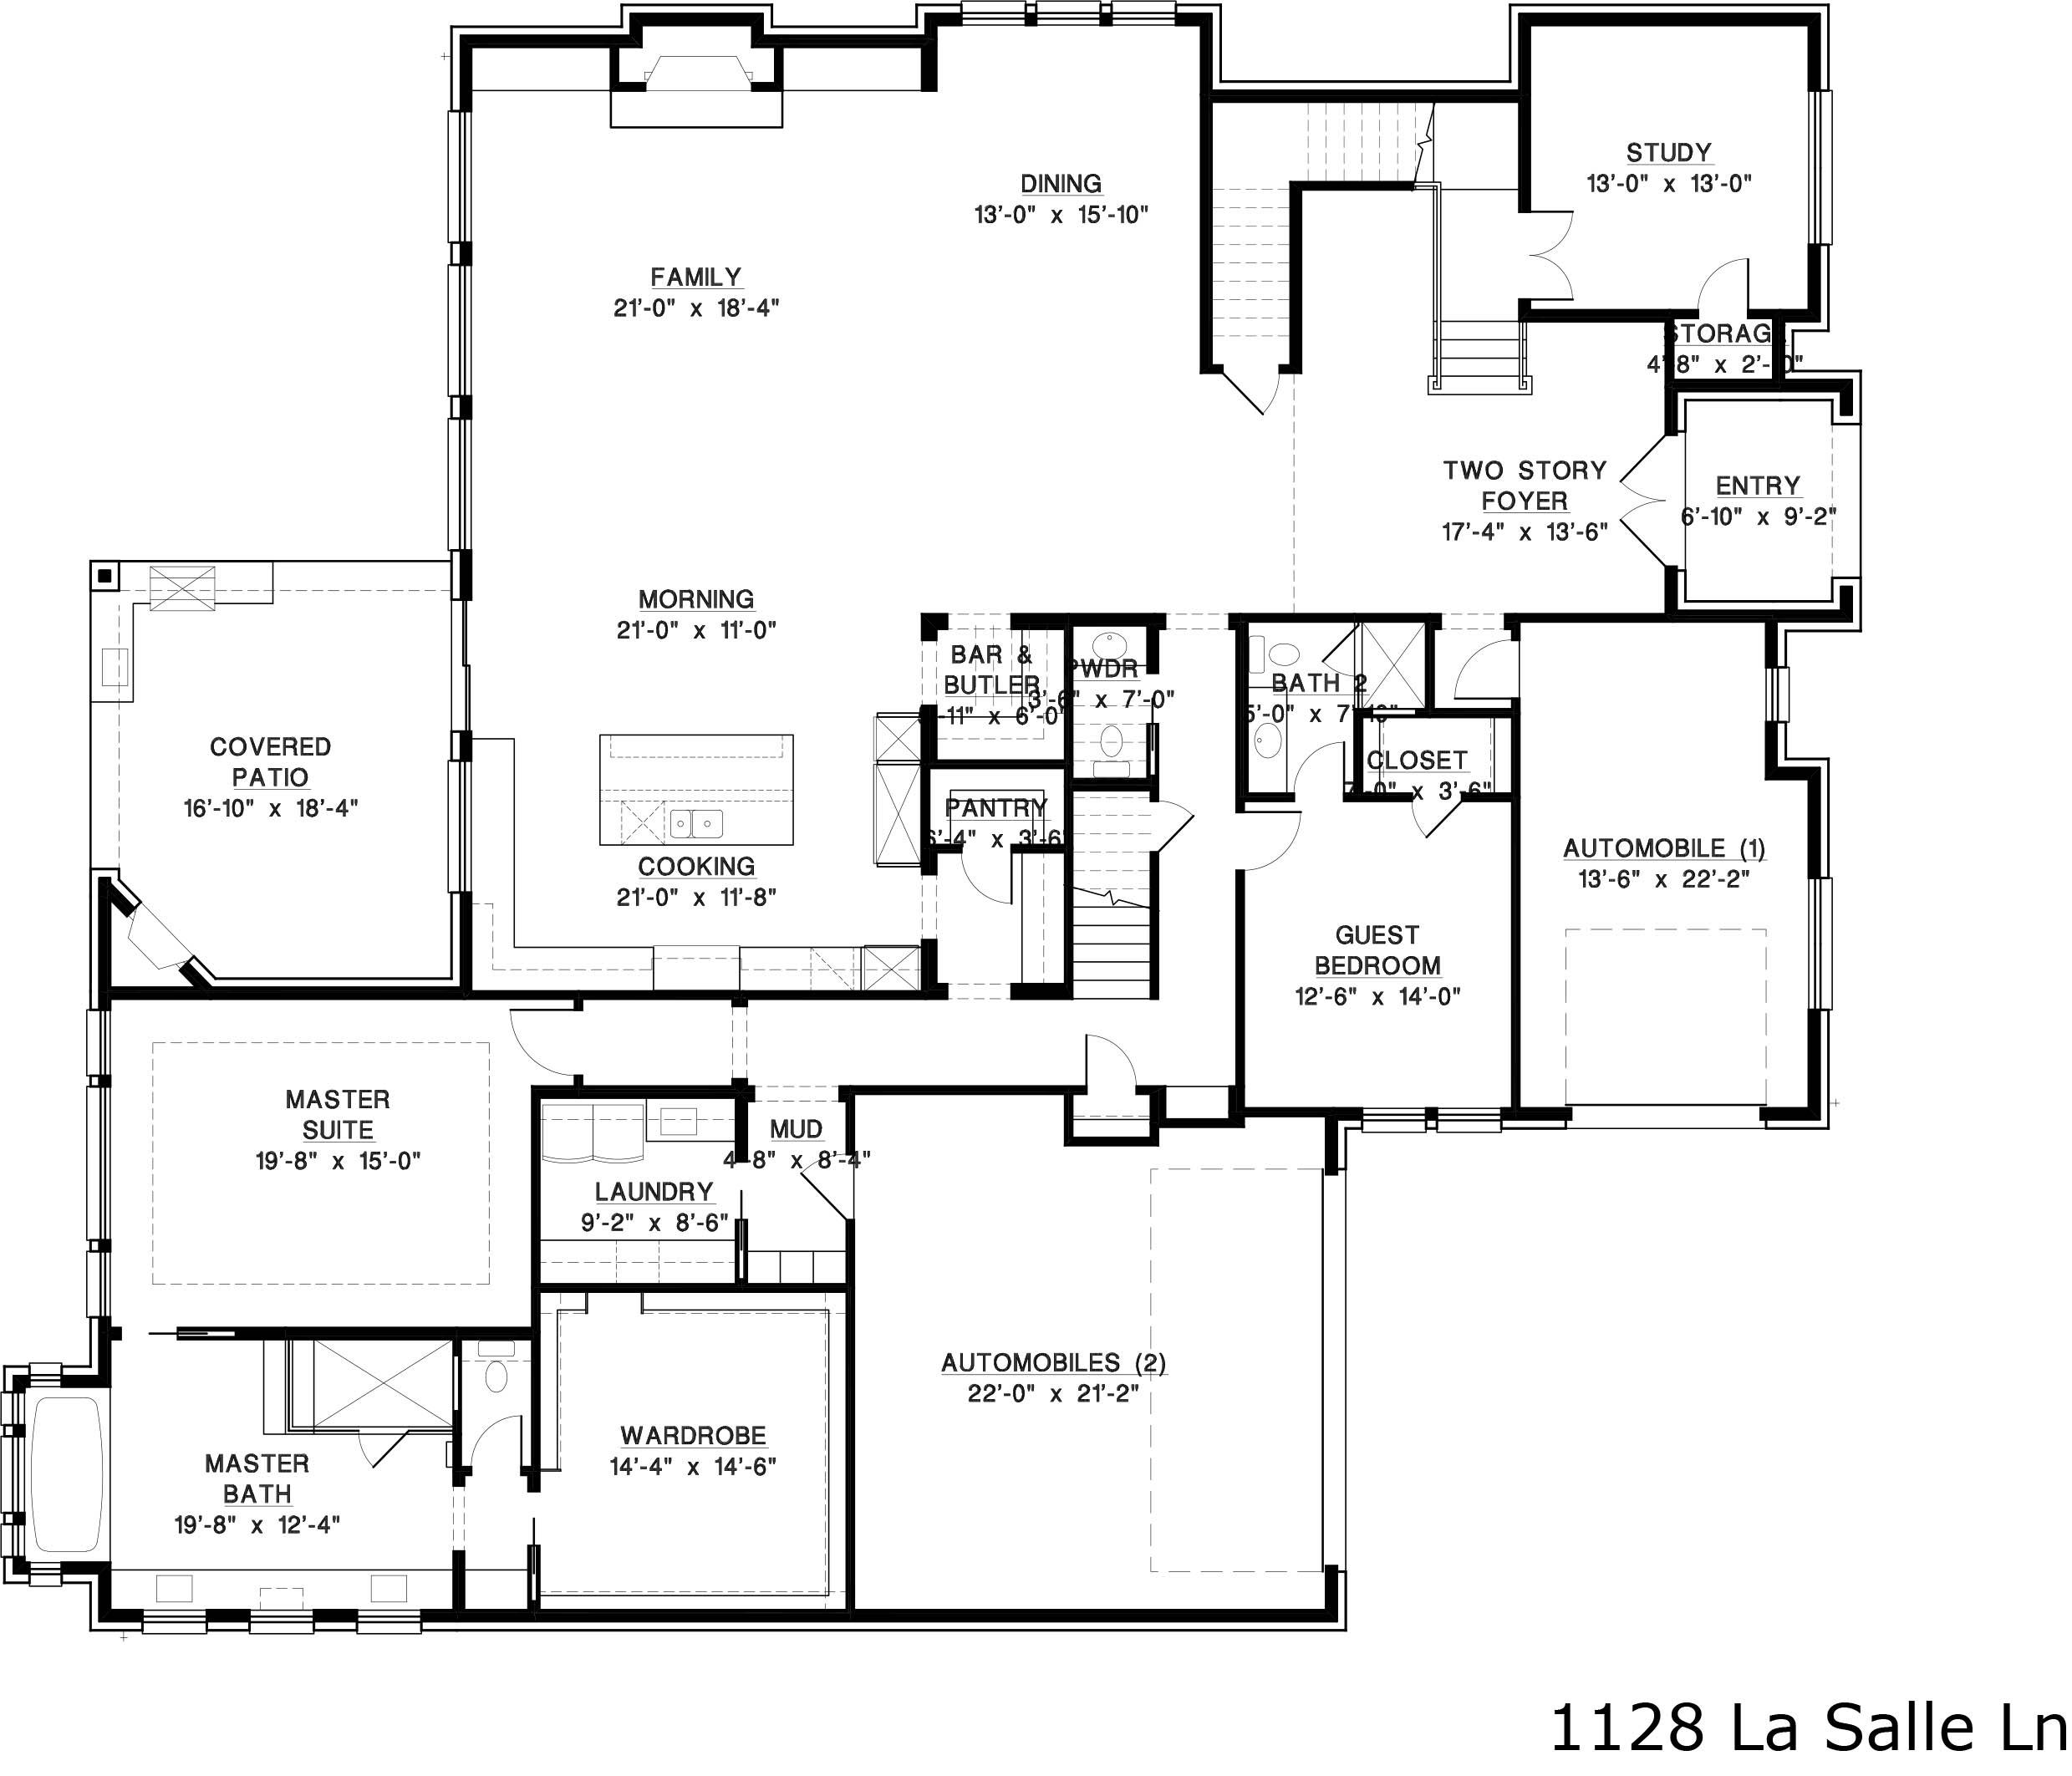 1128 La Salle Ln Handout Plan-1.jpg